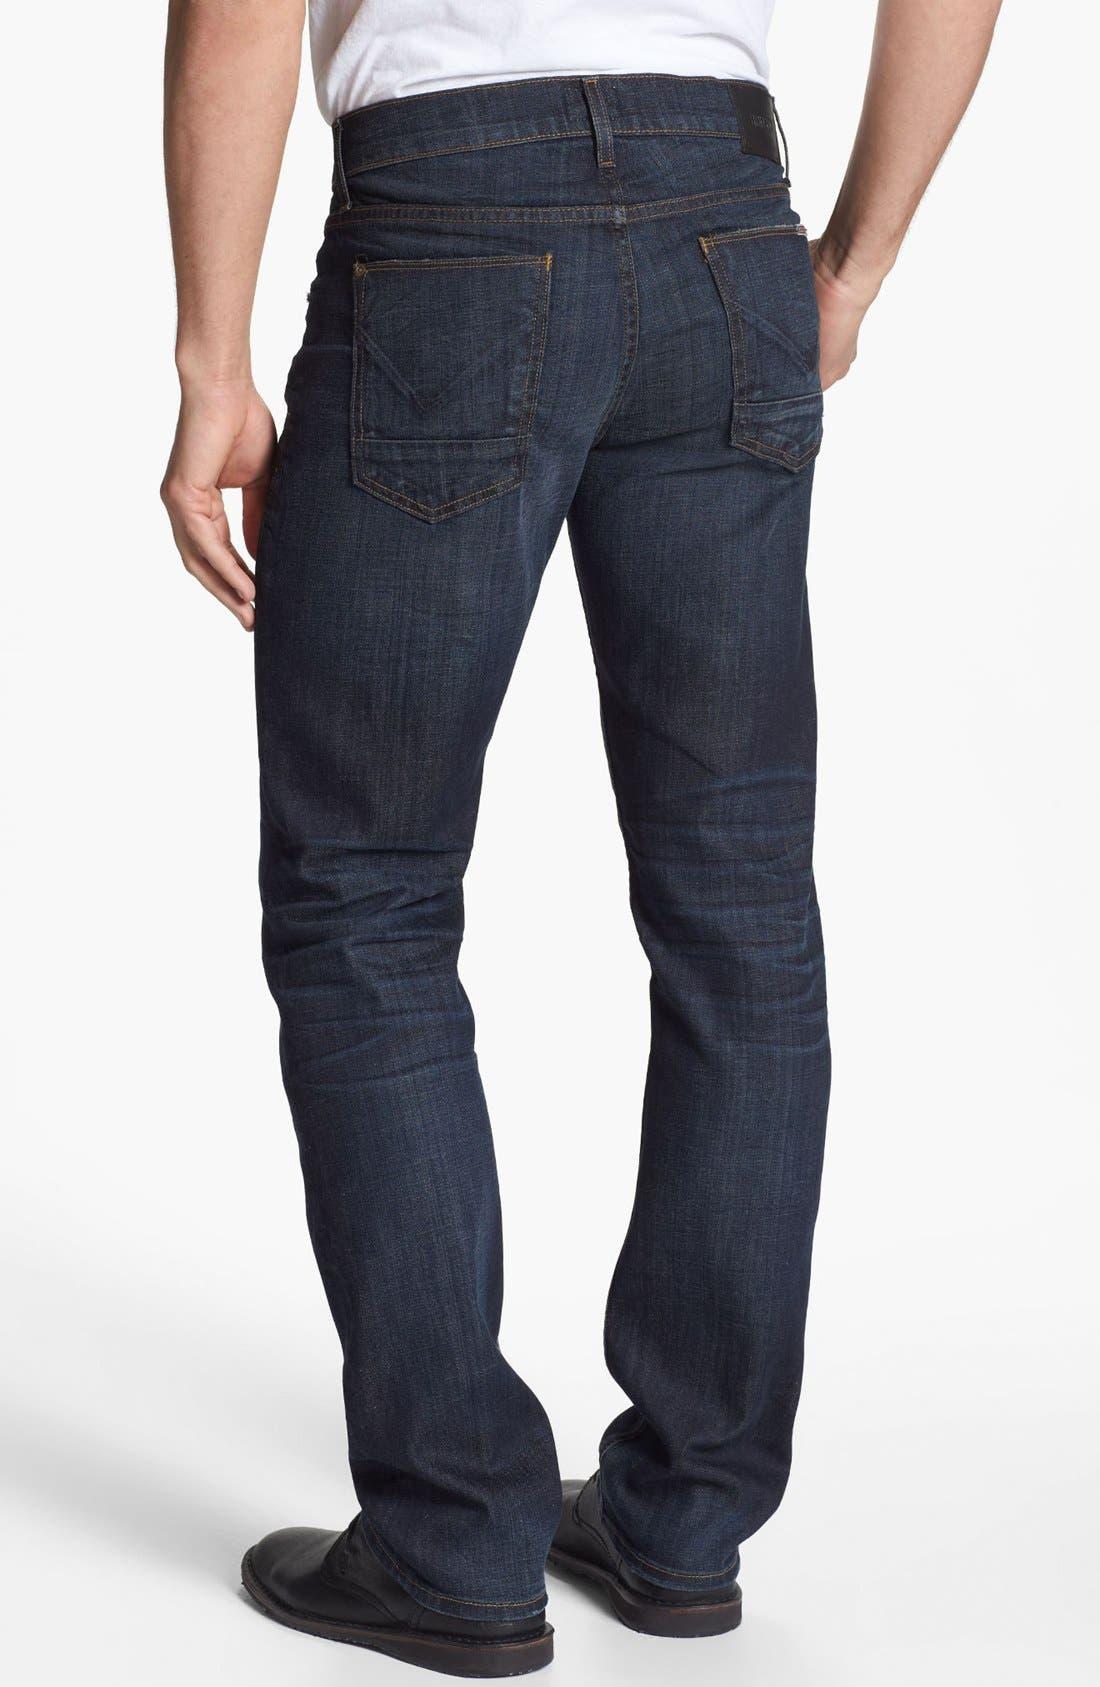 Alternate Image 1 Selected - Hudson Jeans 'Byron' Straight Leg Jeans (Sullivan)